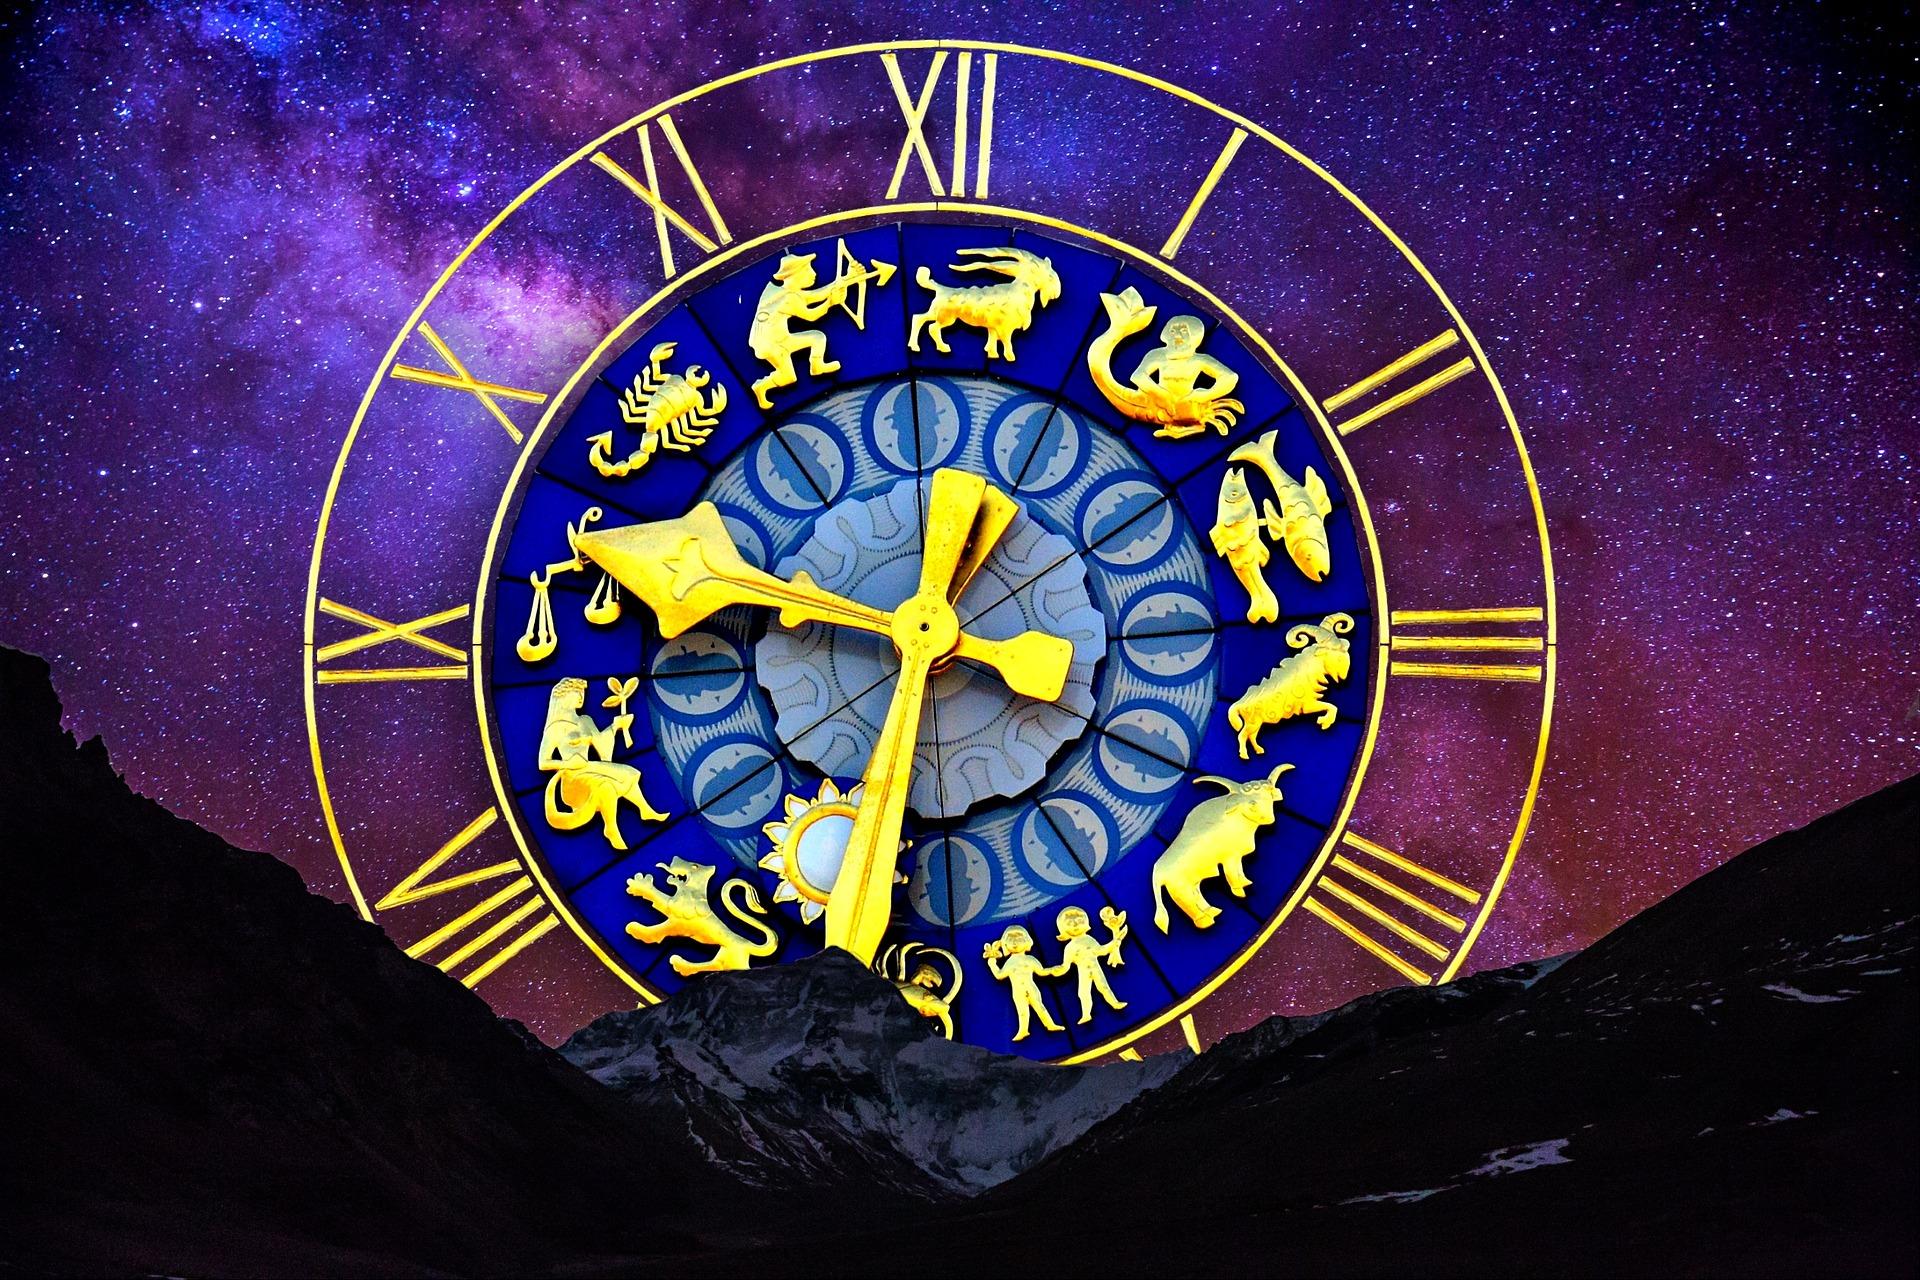 Horoscop zilnic: Horoscopul zilei pentru MIERCURI 21 NOIEMBRIE 2018. Ultima zi in Scorpion!